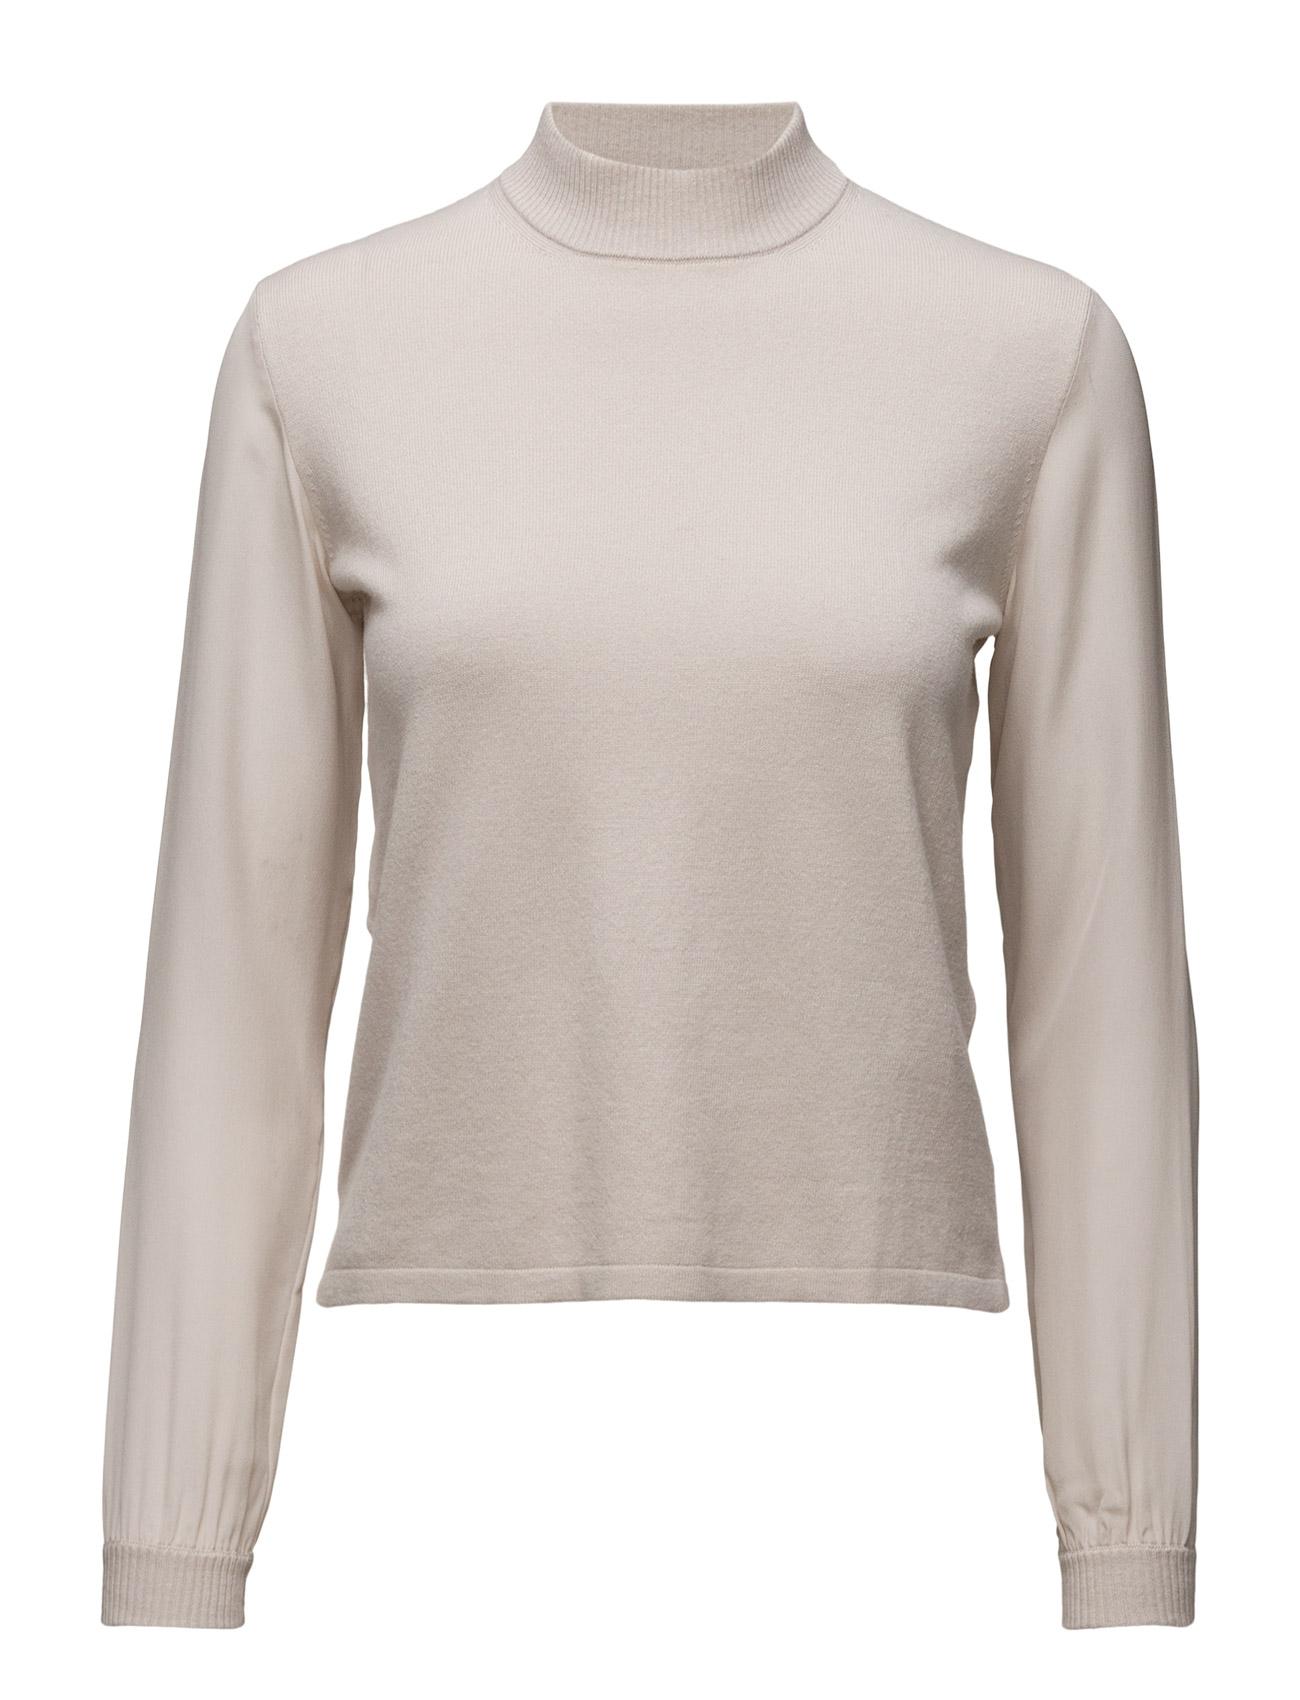 Dorico Max & Co. Sweatshirts til Damer i Beige